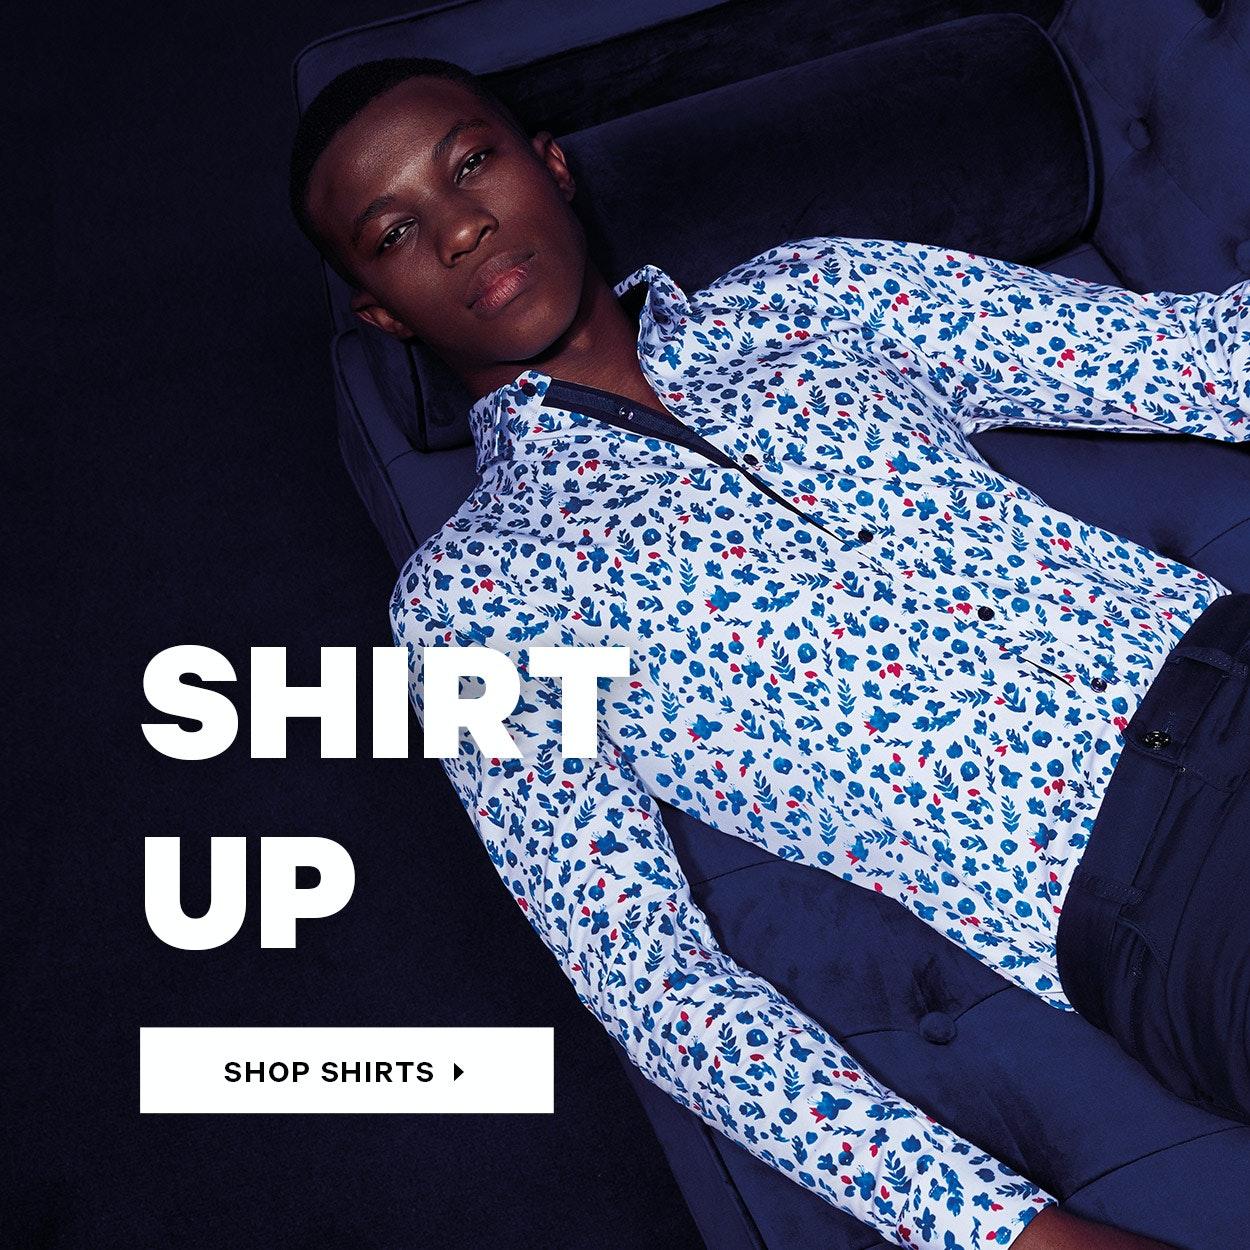 Shirt Up